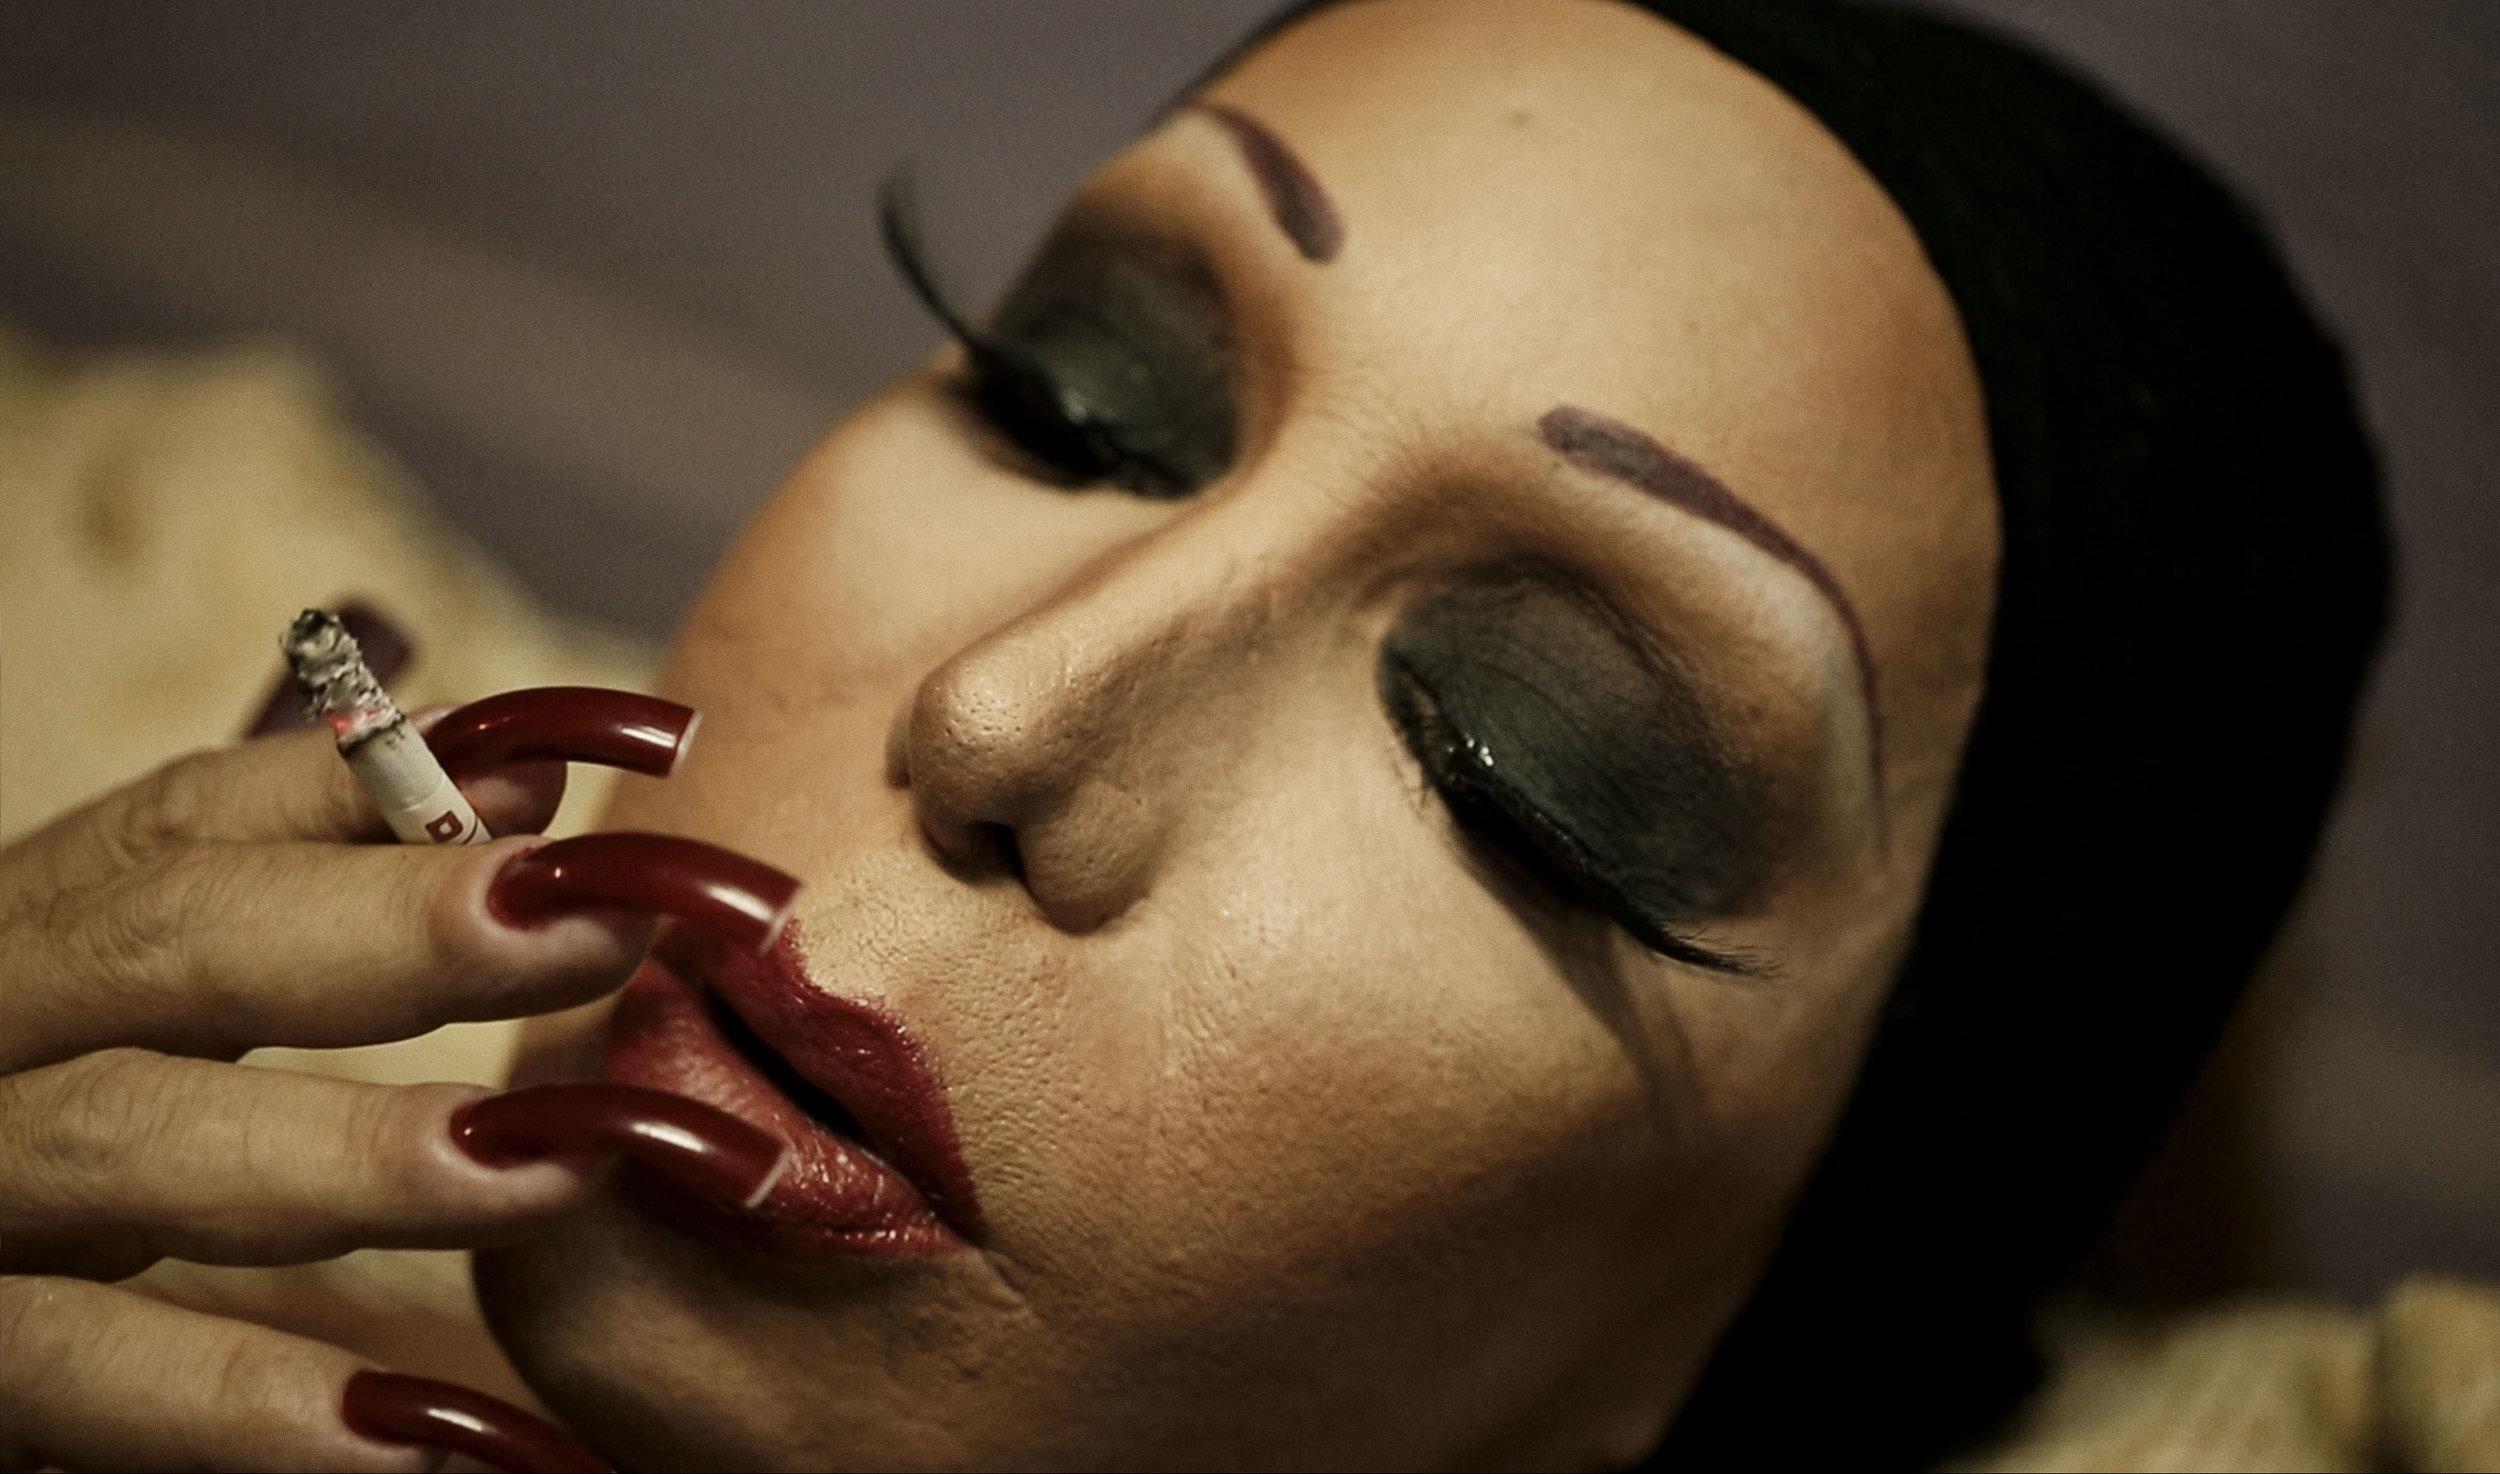 伊万洁利亚·科里亚特,《我对自己很晦涩》,《朦胧的巴洛克风格》系列。